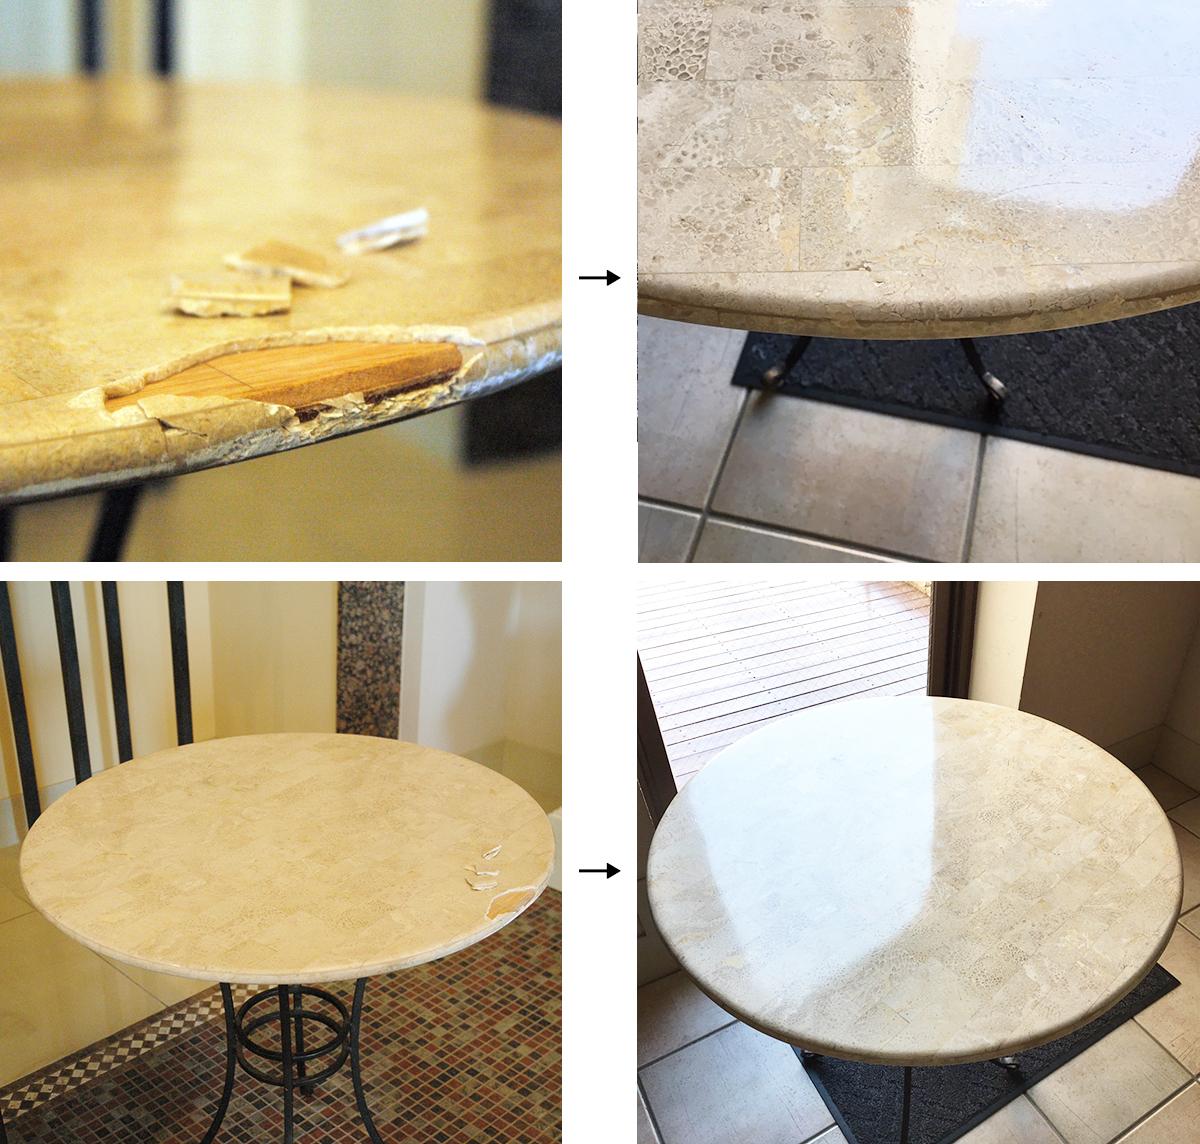 大理石テーブルの欠け